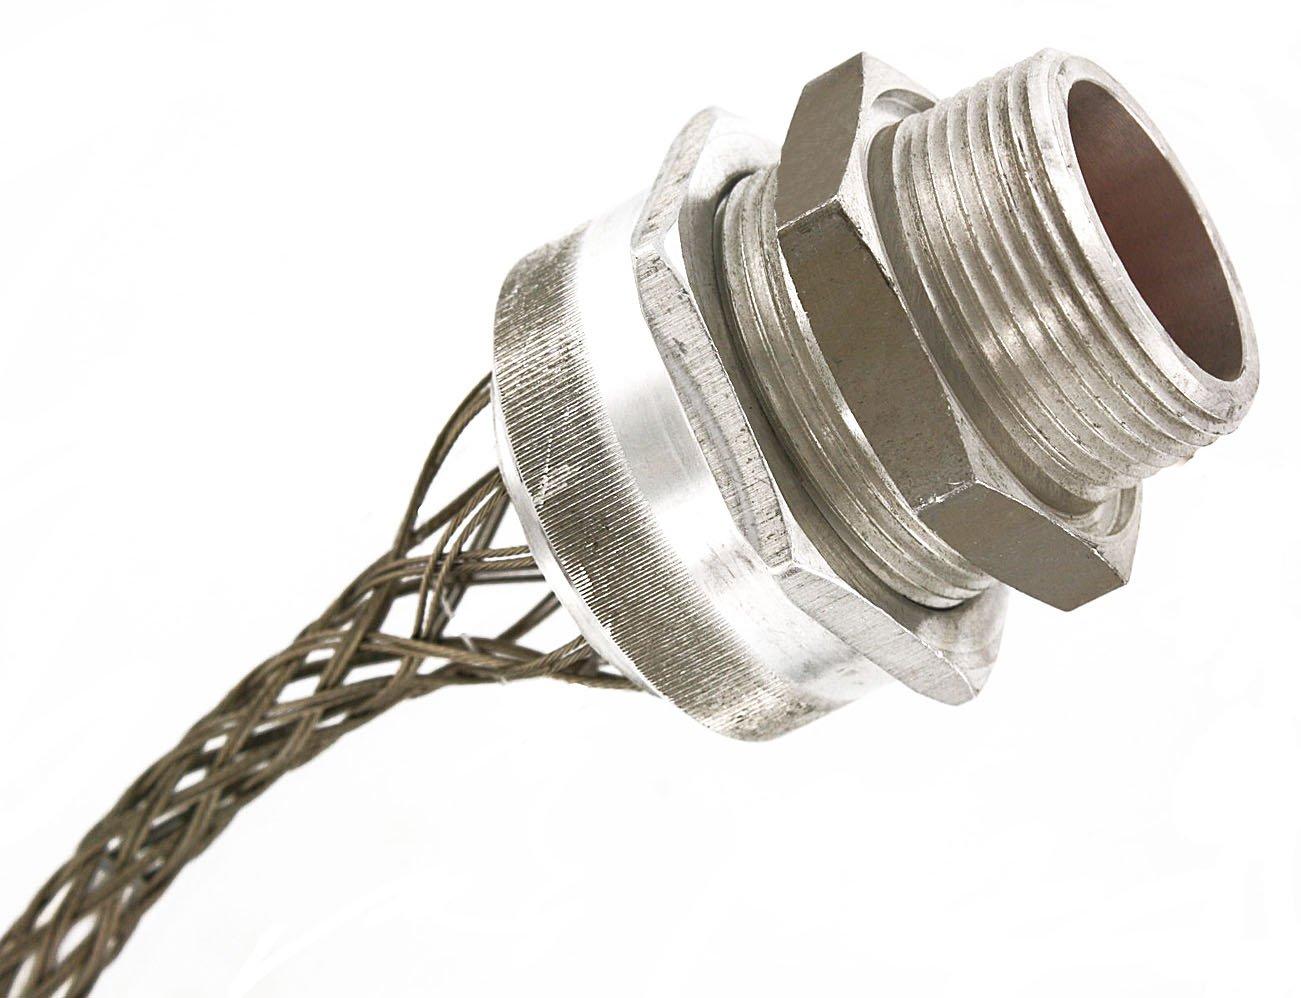 Leviton L7748 3-Inch, Straight, Male, Aluminum Body, Deluxe Cord Sealing Strain-Relief, 2.062 to 2.187 Cord Range